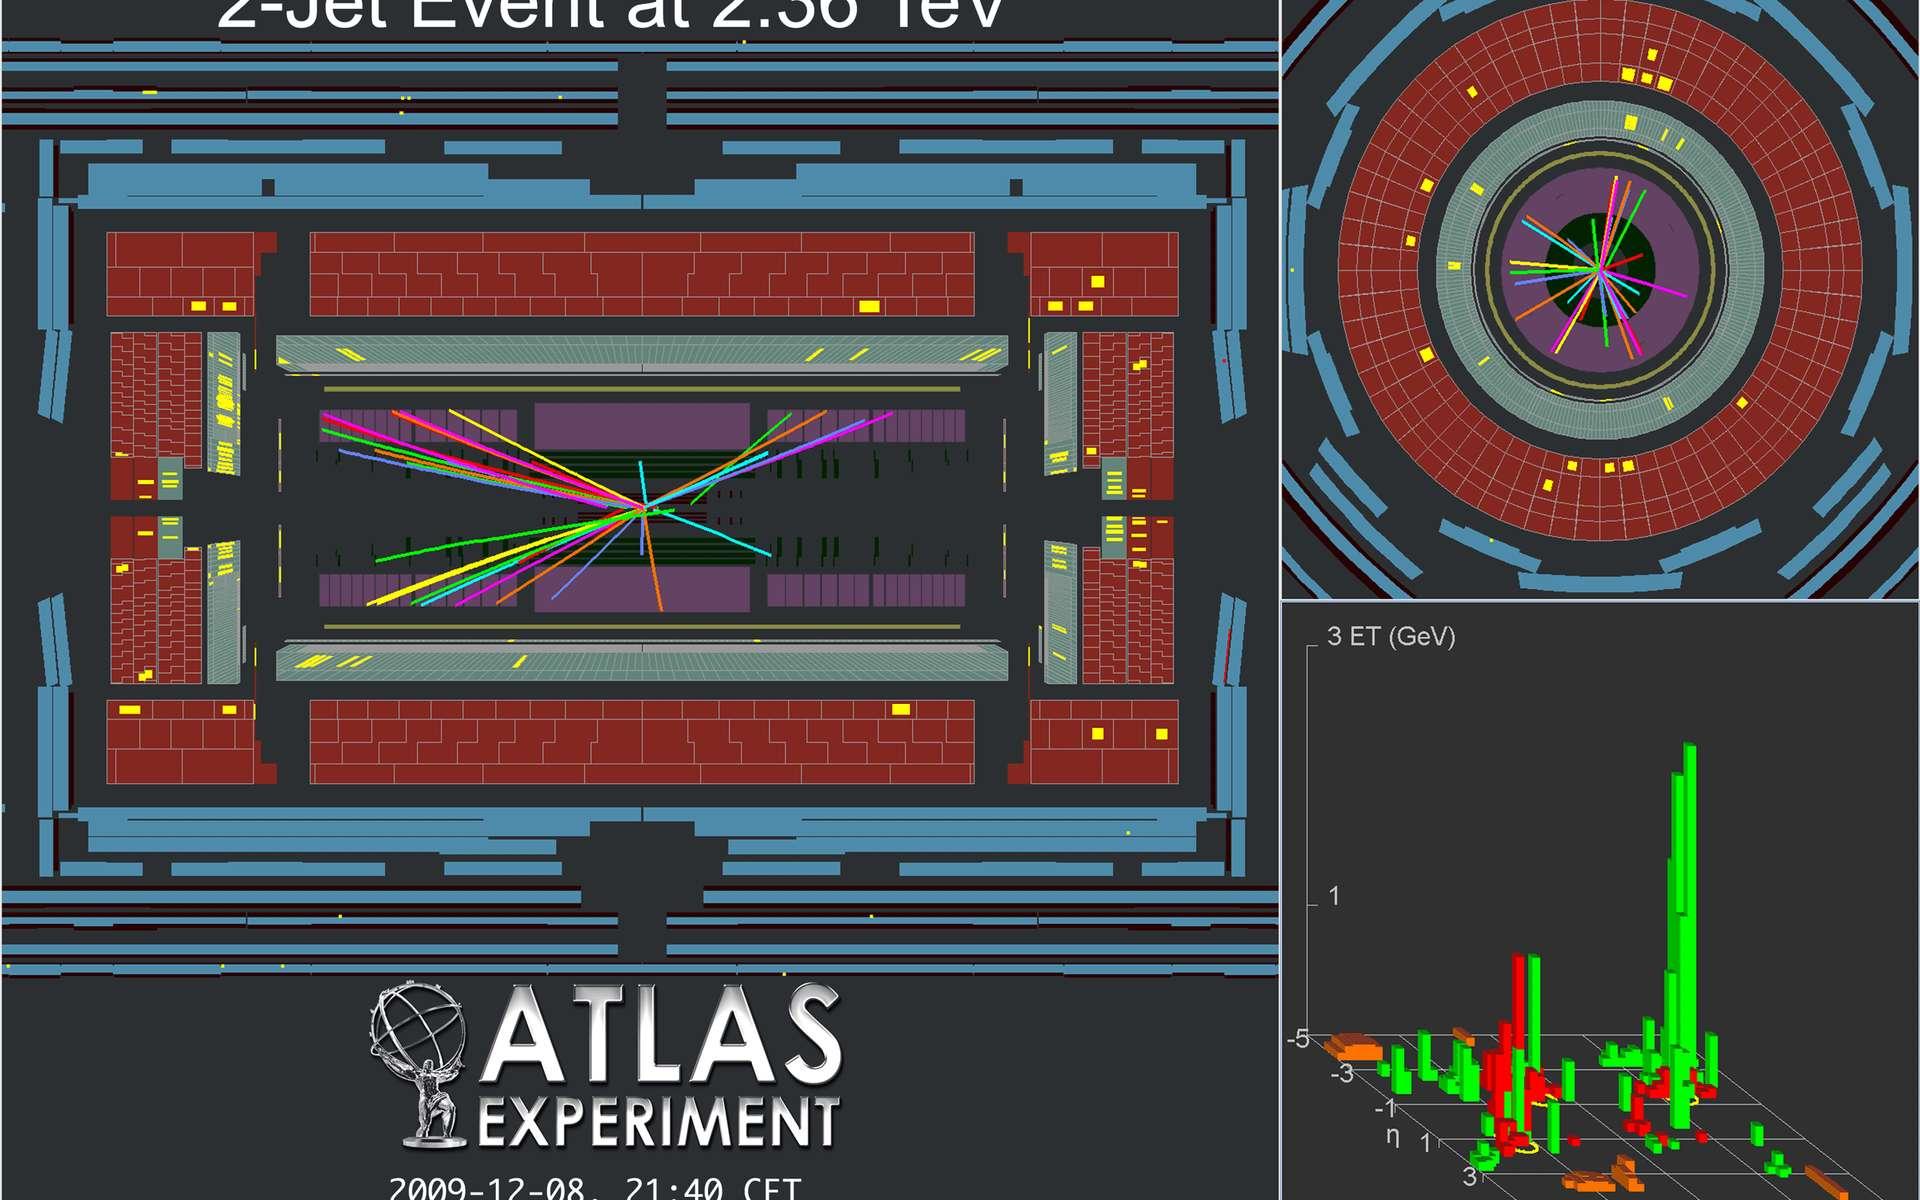 Des collisions de protons à 2,36 TeV dans le détecteur Atlas du LHC. Crédit : Cern